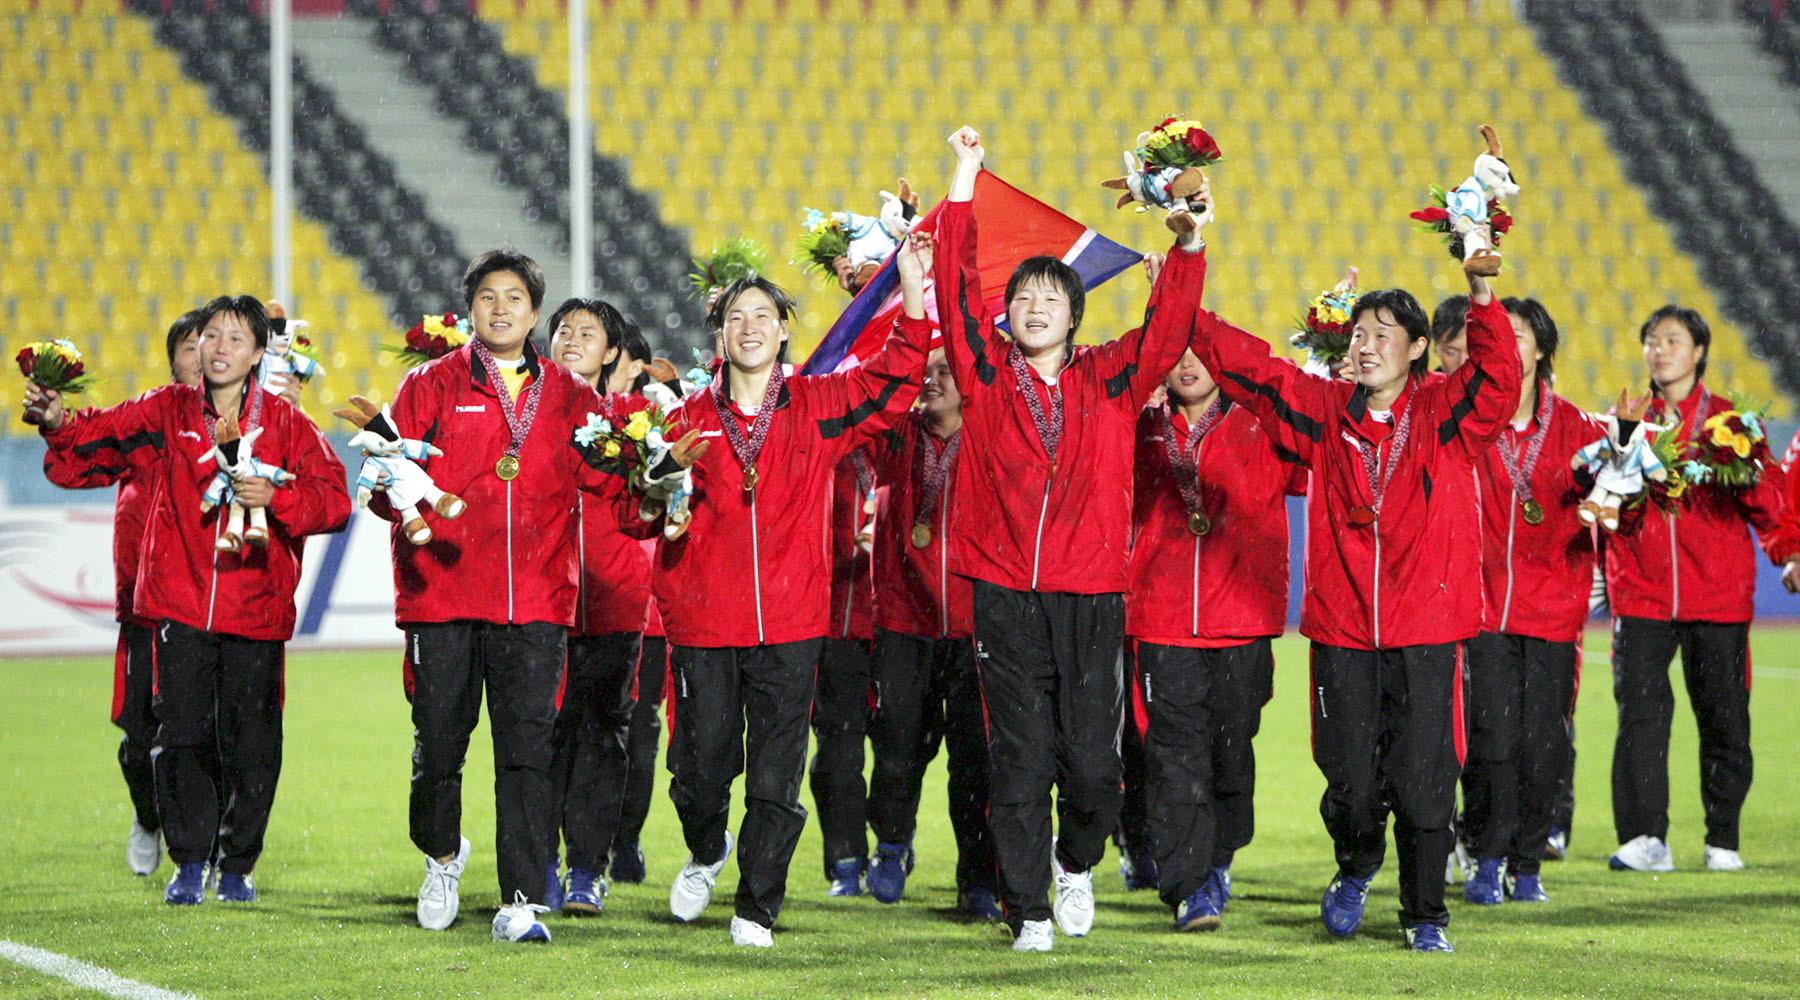 Será el deporte la clave para la paz en la península coreana? - RT